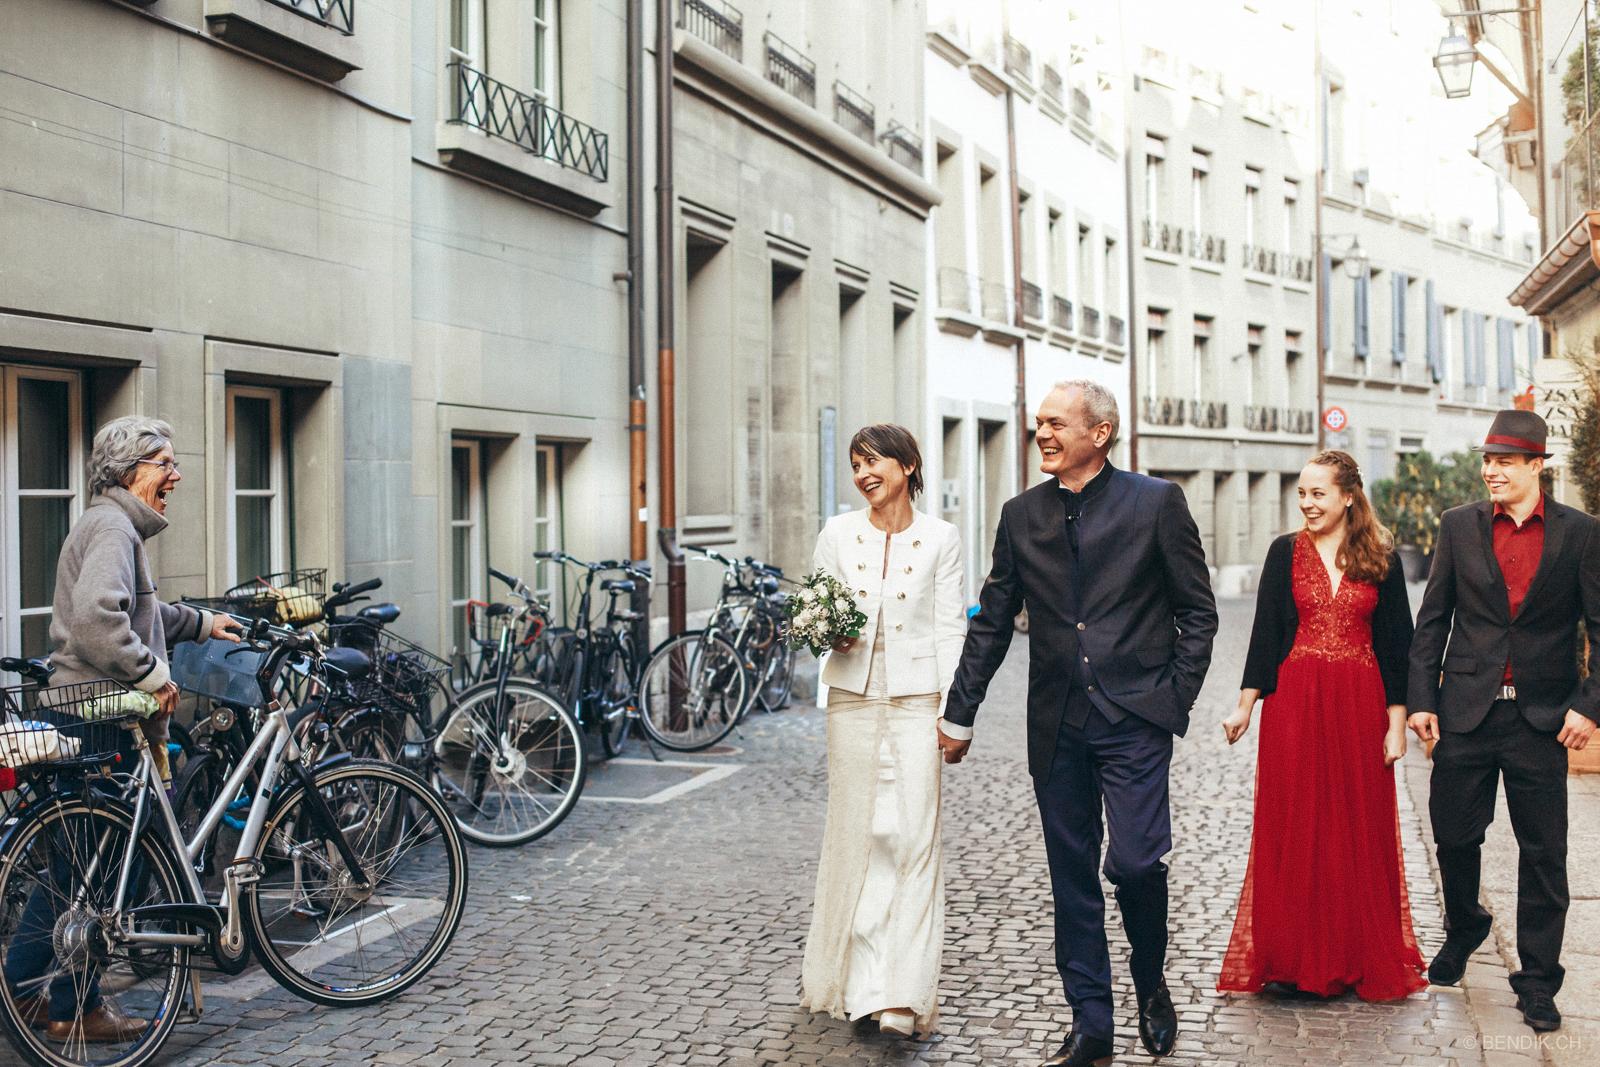 Passantin mit Fahrrad gratuliert lachend frischvermählten Brautpaar in Bern